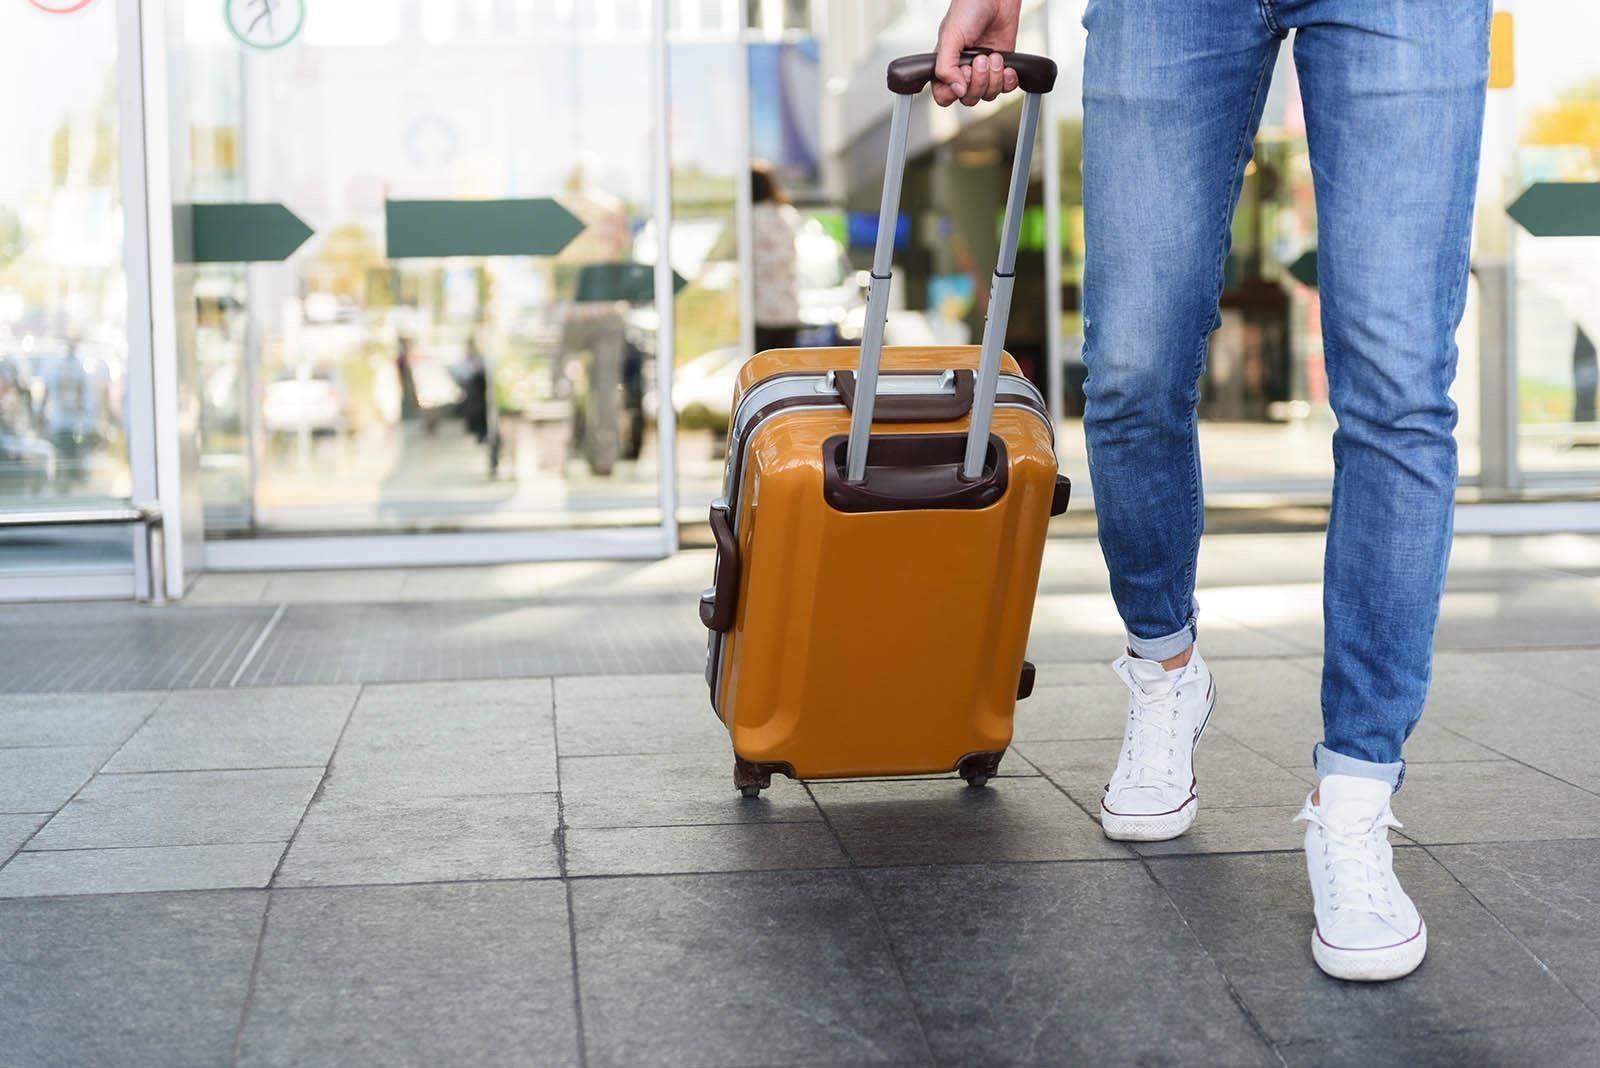 ec63cf4b99c 20 x inpaktips met handbagage vliegen: Hoe krijg je er meer in?